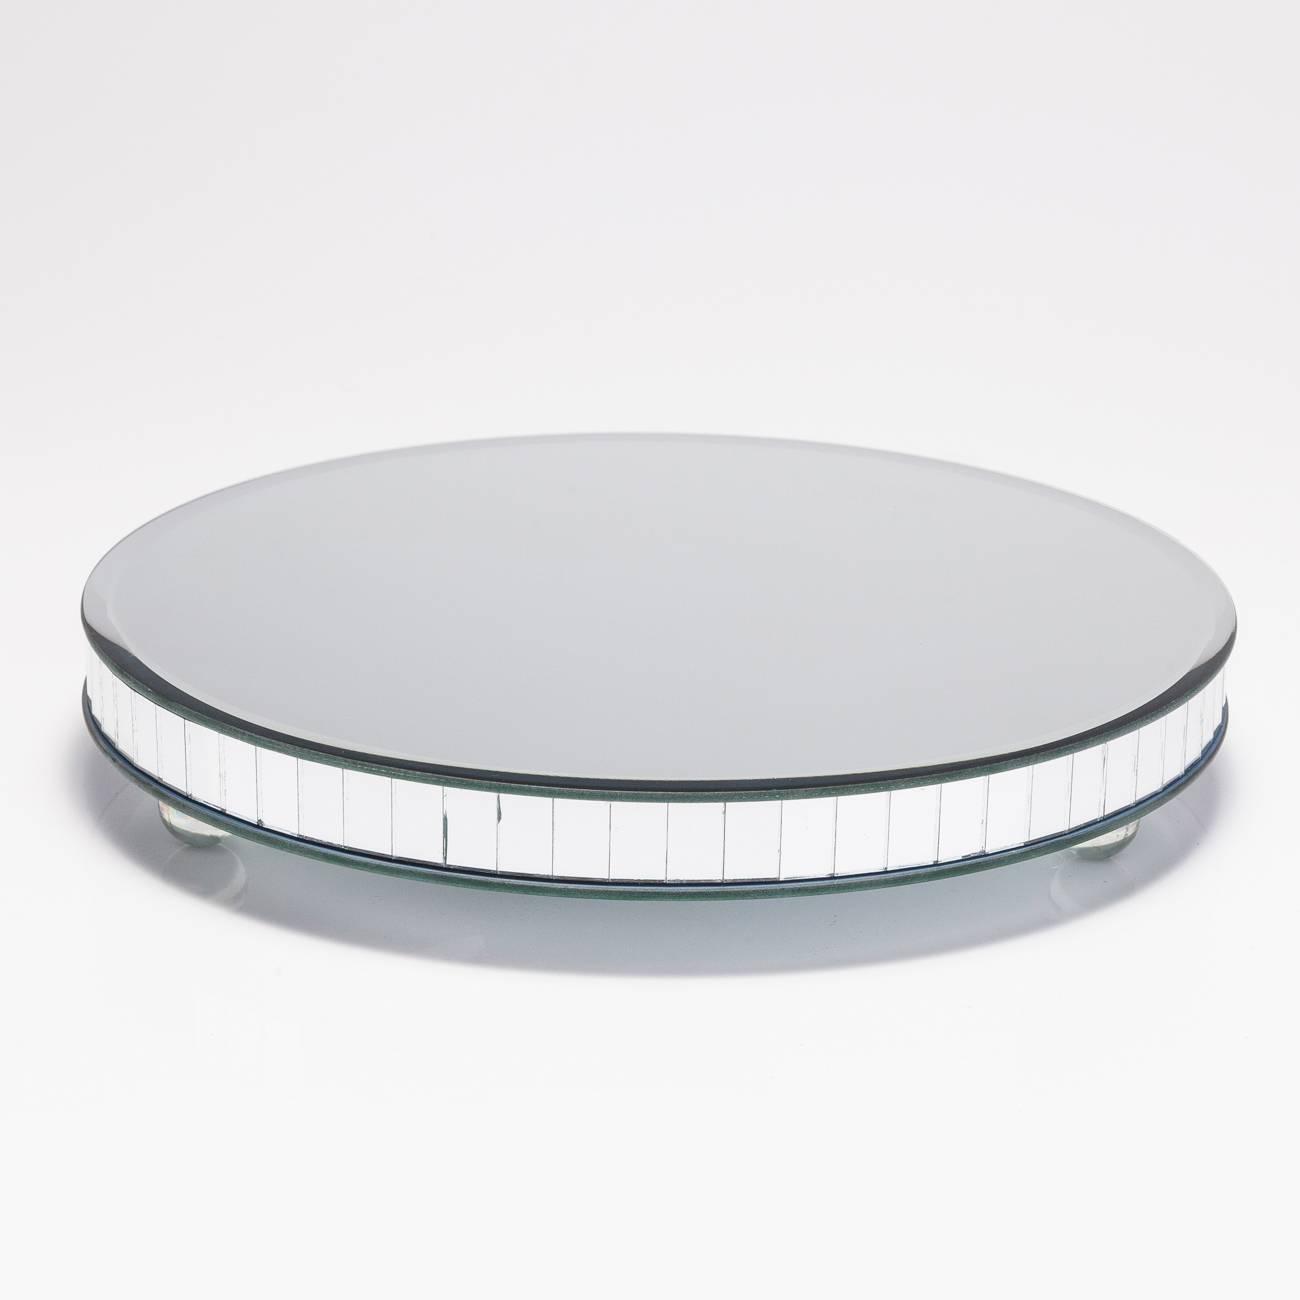 Suporte para Bolo/Doces Espelhado - Prestige - 25 cm